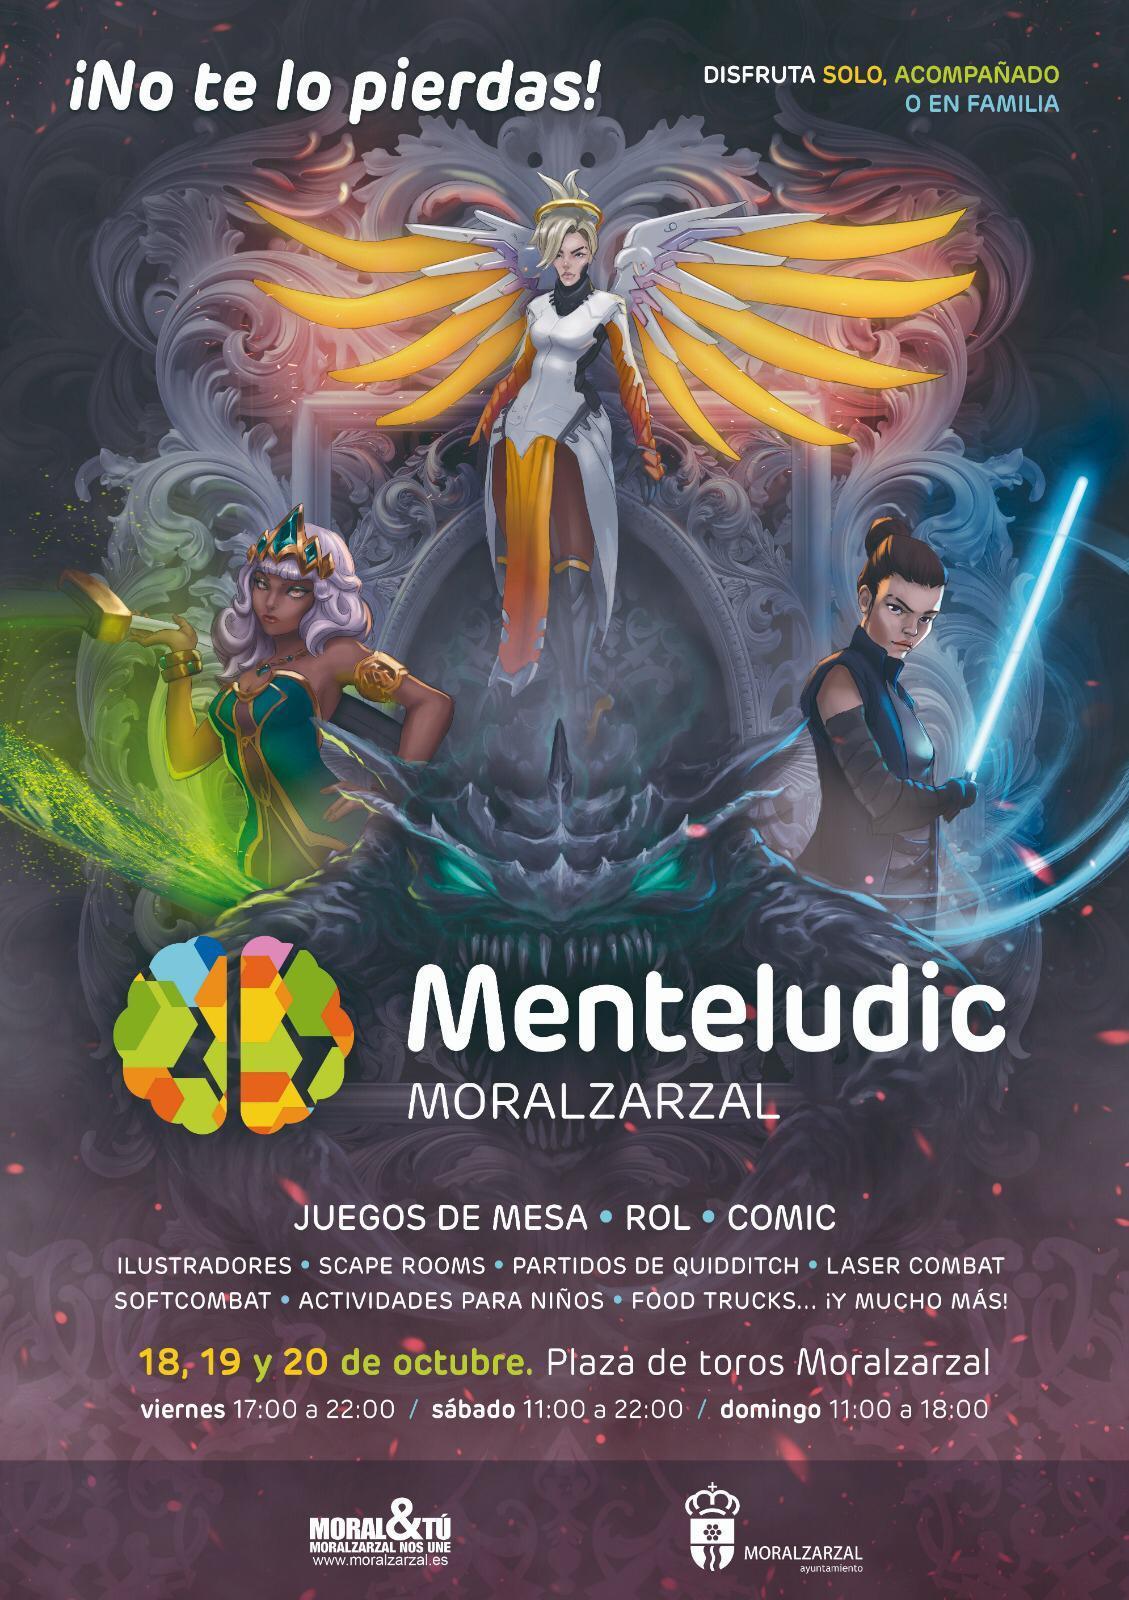 Menteludic